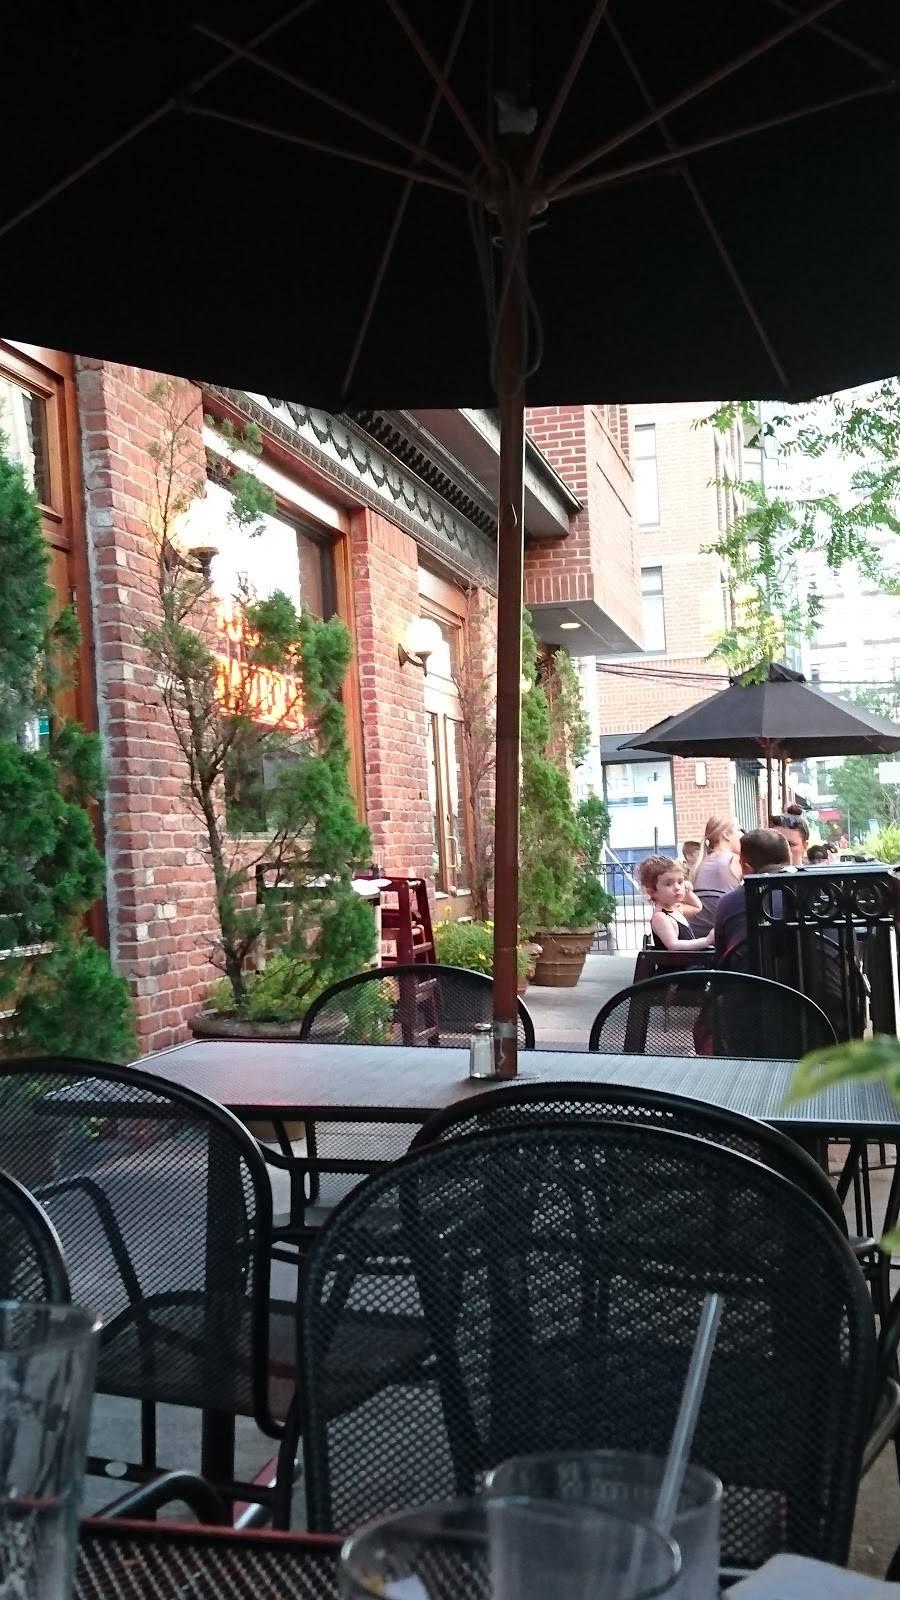 Hudson Tavern | restaurant | 51 14th St, Hoboken, NJ 07030, USA | 2017981117 OR +1 201-798-1117